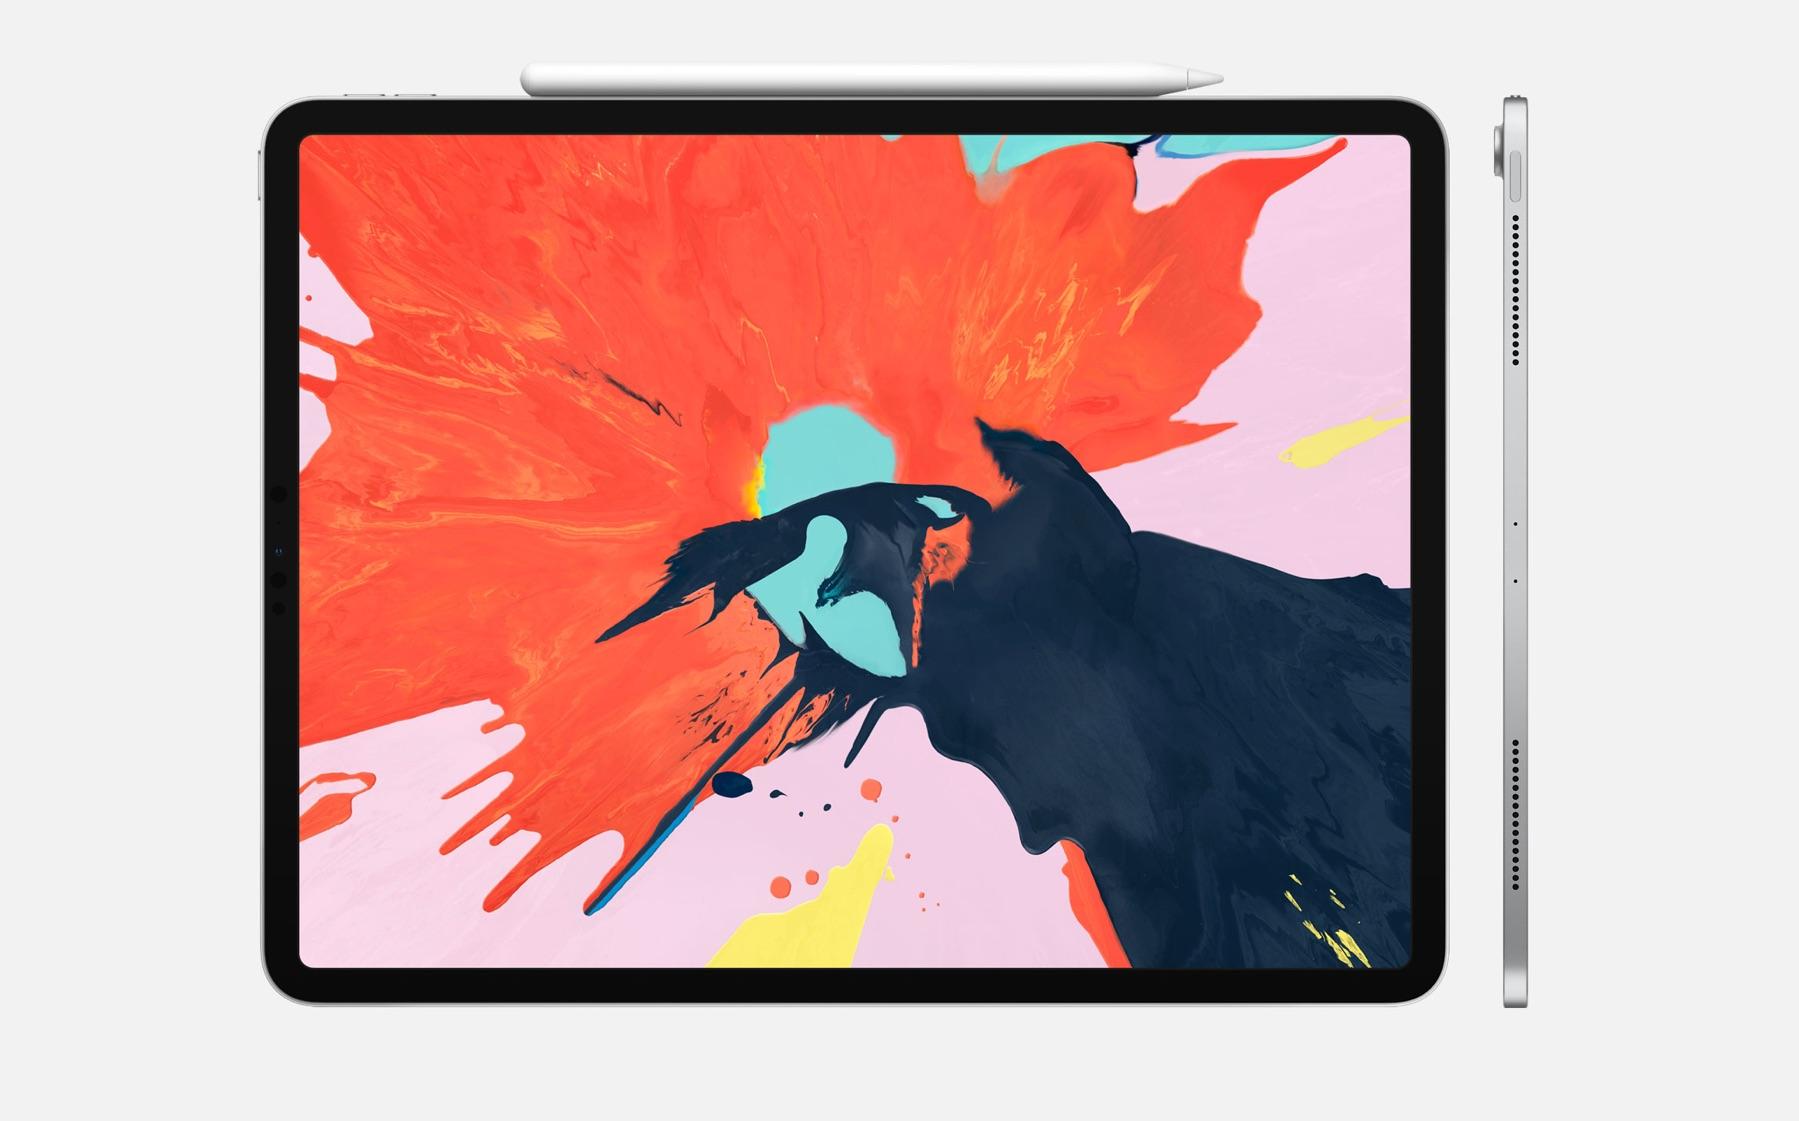 ドコモ・au・ソフトバンク、新型「iPad Pro」予約を11月1日から開始!発売は7日から。